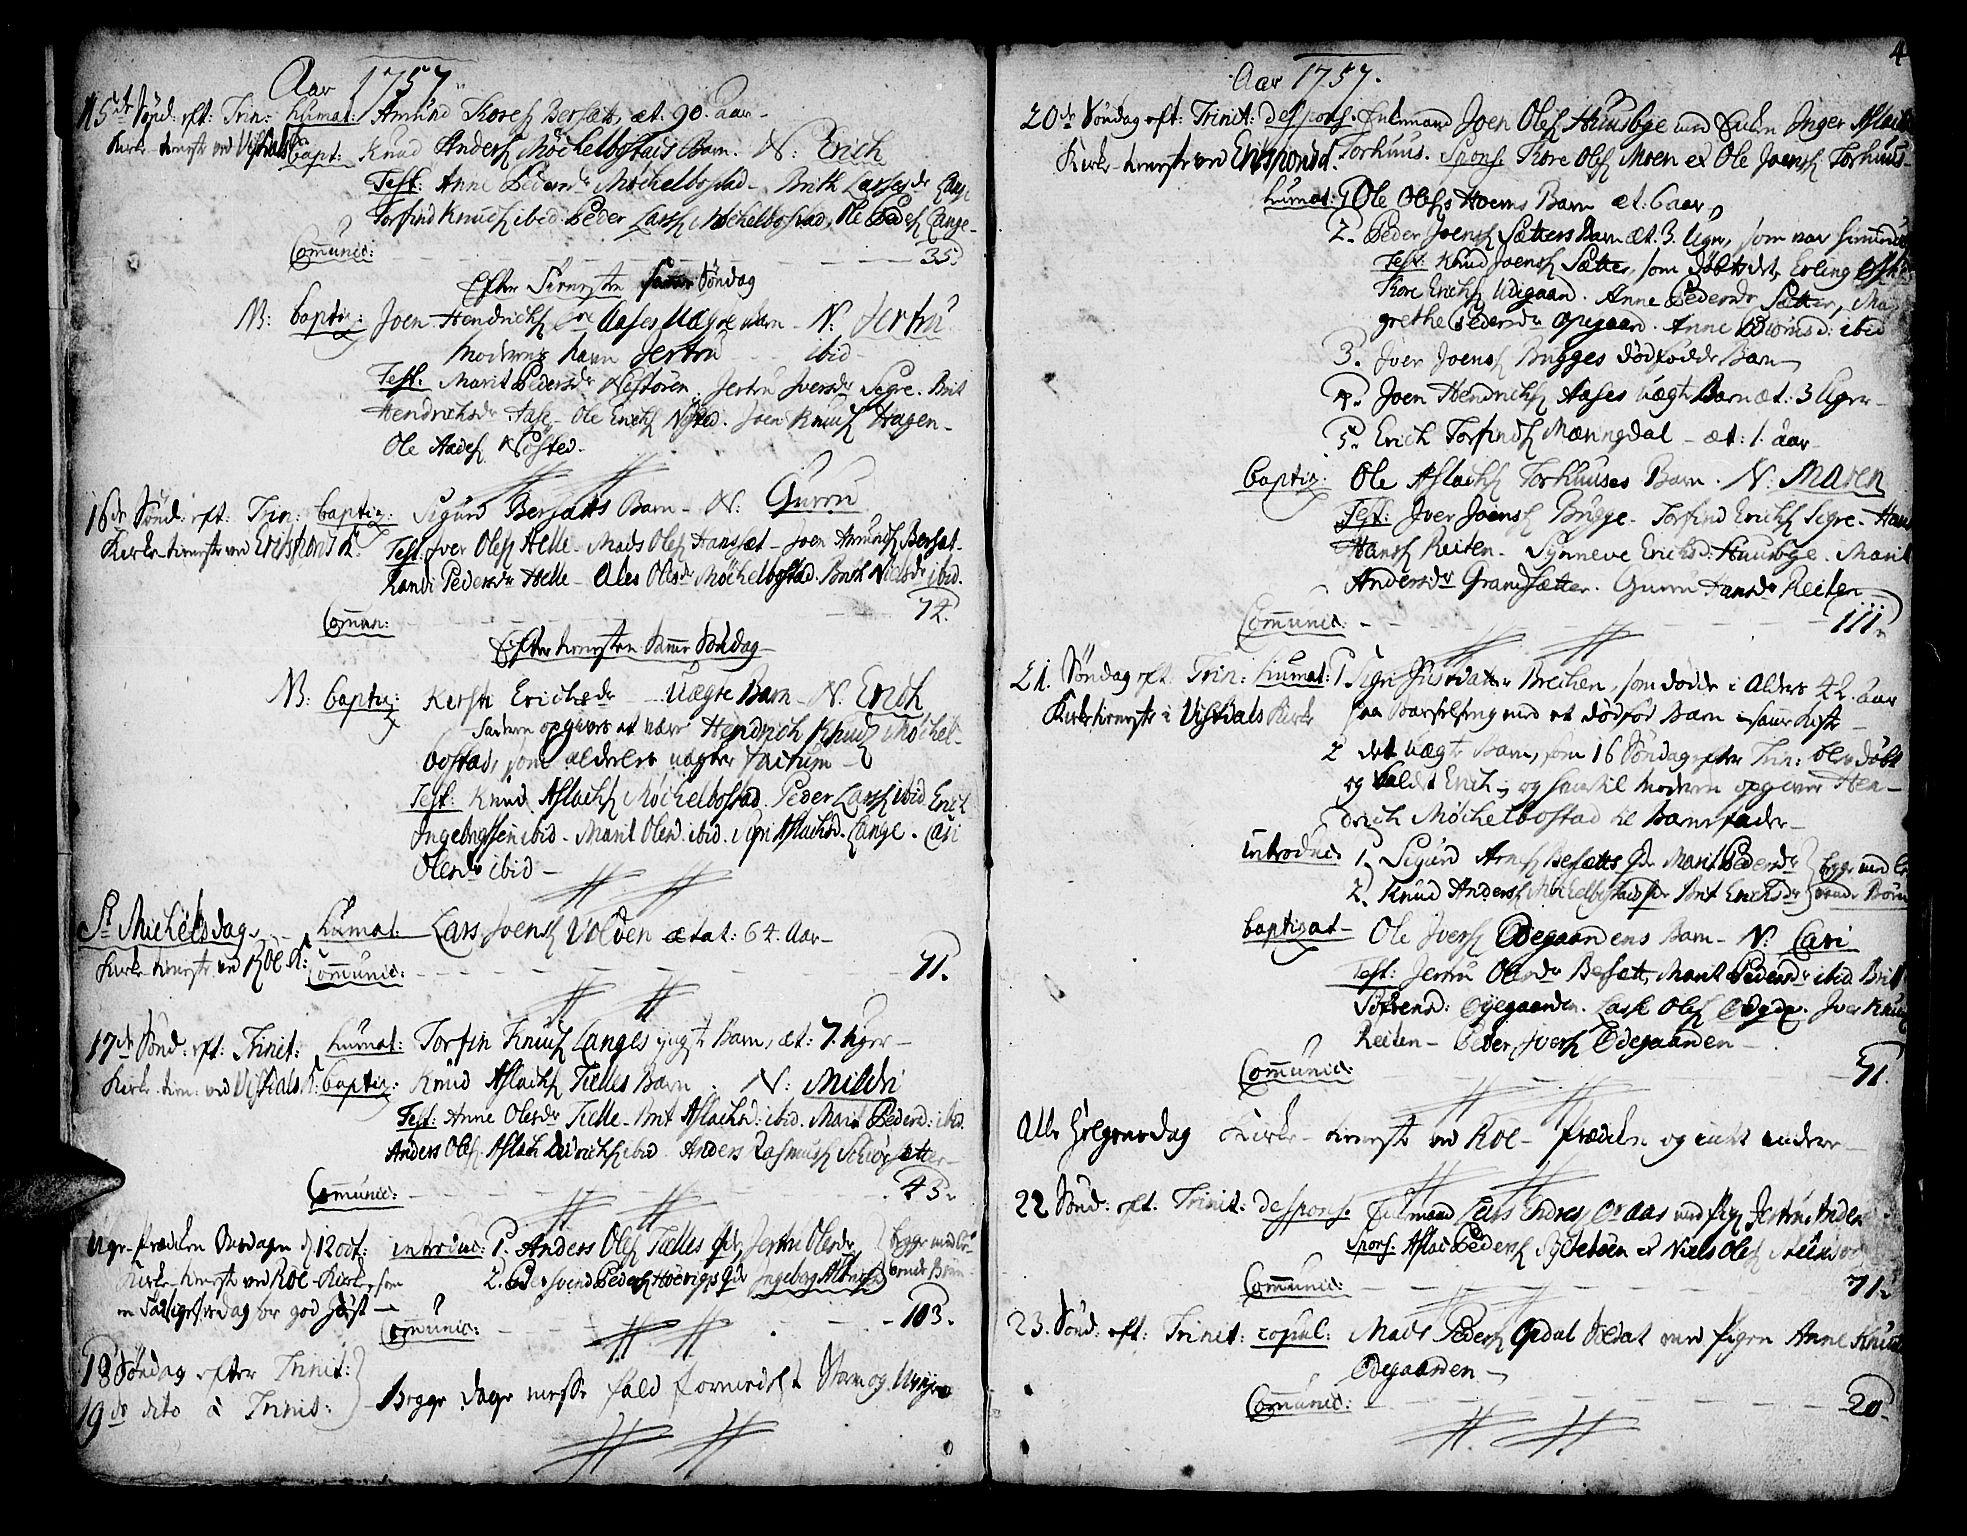 SAT, Ministerialprotokoller, klokkerbøker og fødselsregistre - Møre og Romsdal, 551/L0621: Ministerialbok nr. 551A01, 1757-1803, s. 4